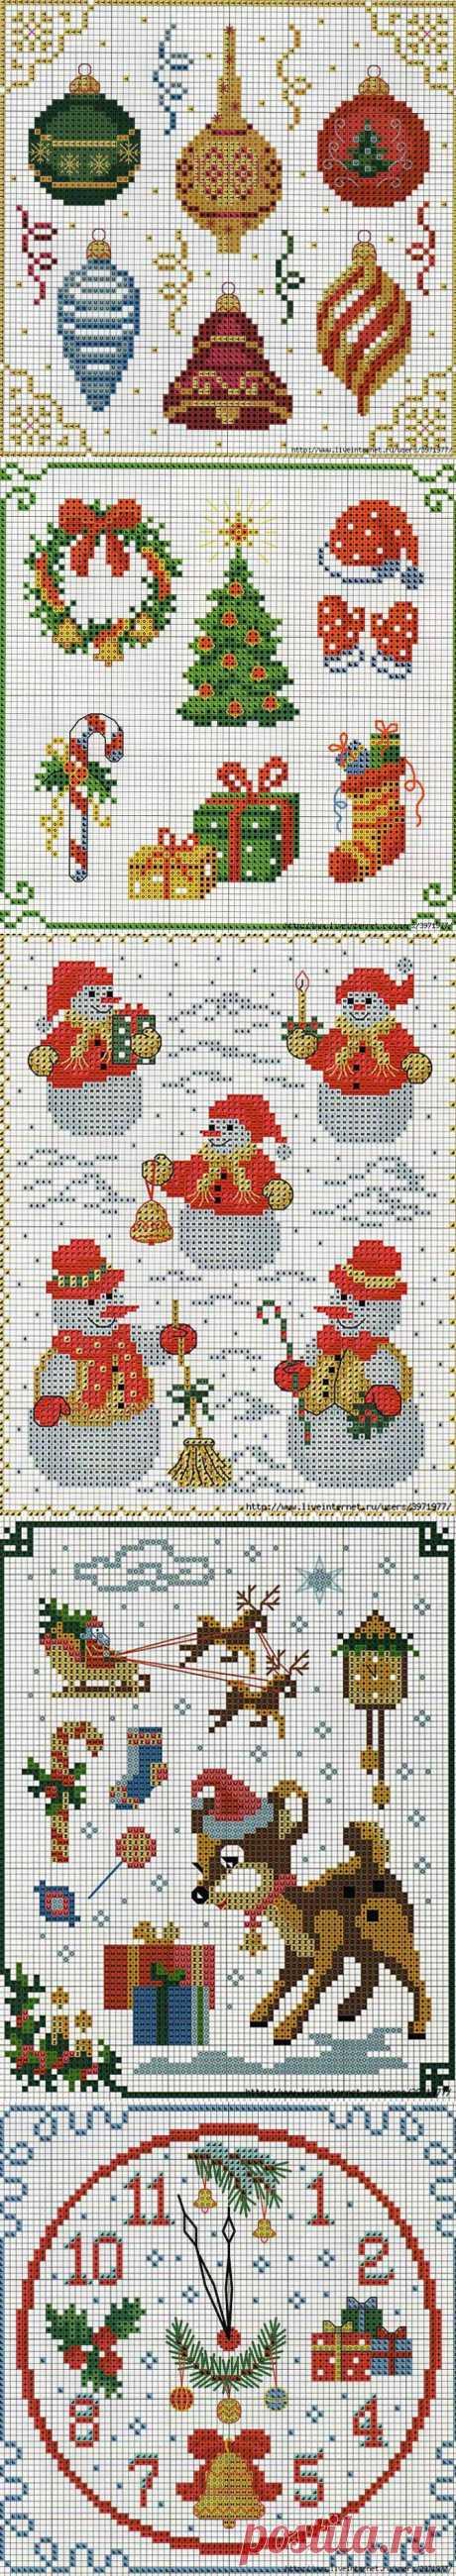 Mágico la varita-labor de punto y el bordado - el Artículo: los Esquemas del bordado de los juguetes de Año Nuevo